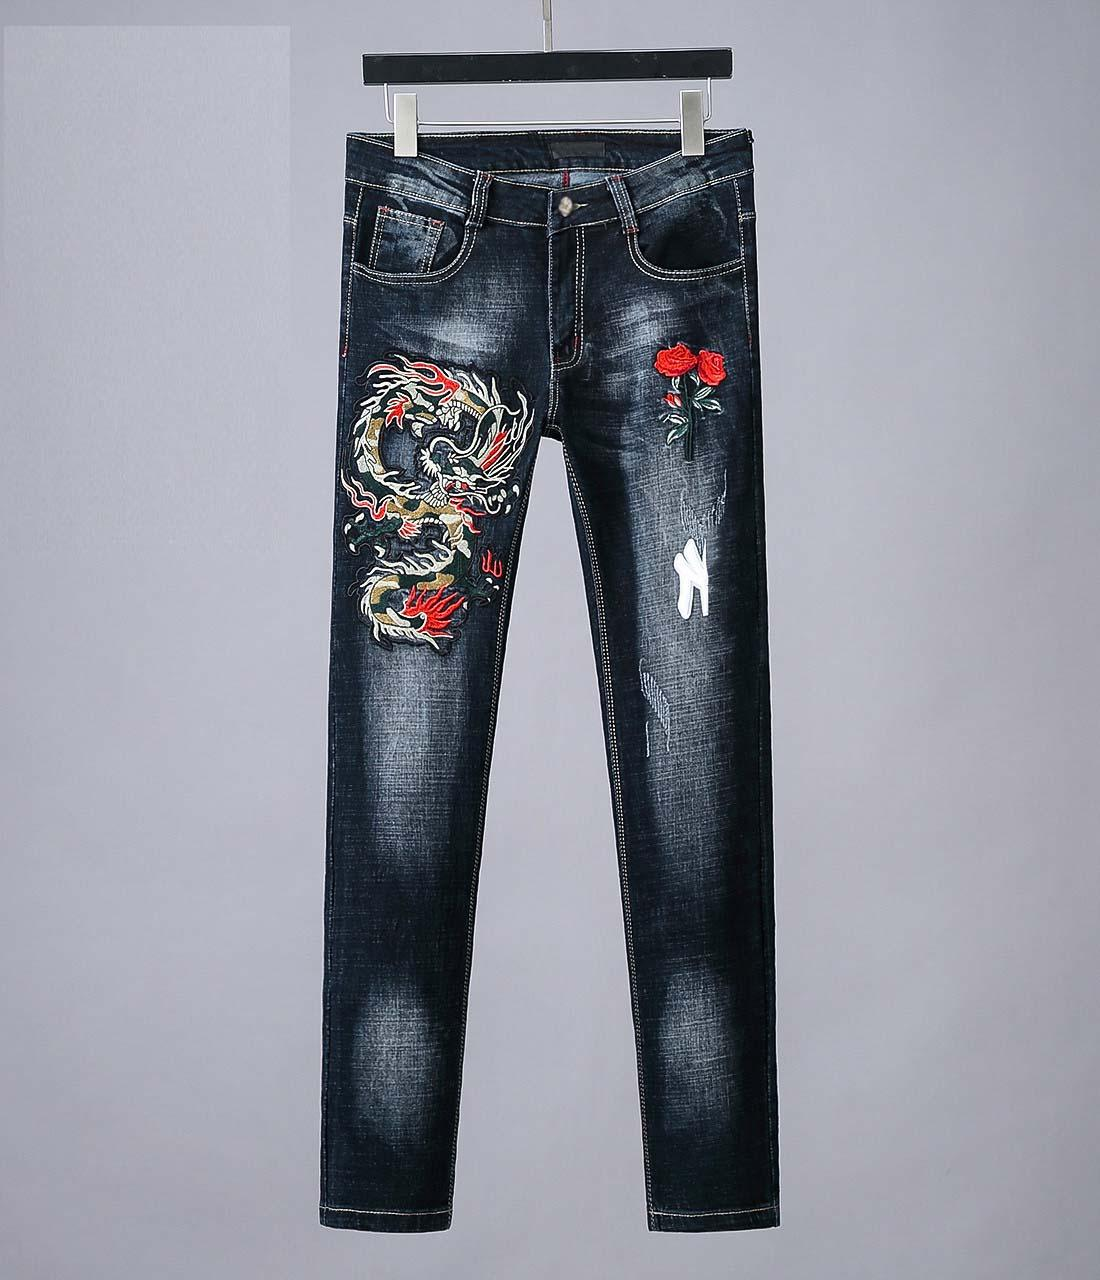 Compre Hombres Gucci De Hombre Del Disenador Nuevos Marea De Lujo G De La Moda Denim Marca Casuales Pantalones Azules Salvajes De Alta Calidad Pantalones De Lavado Totem Dragon Bordado A 42 74